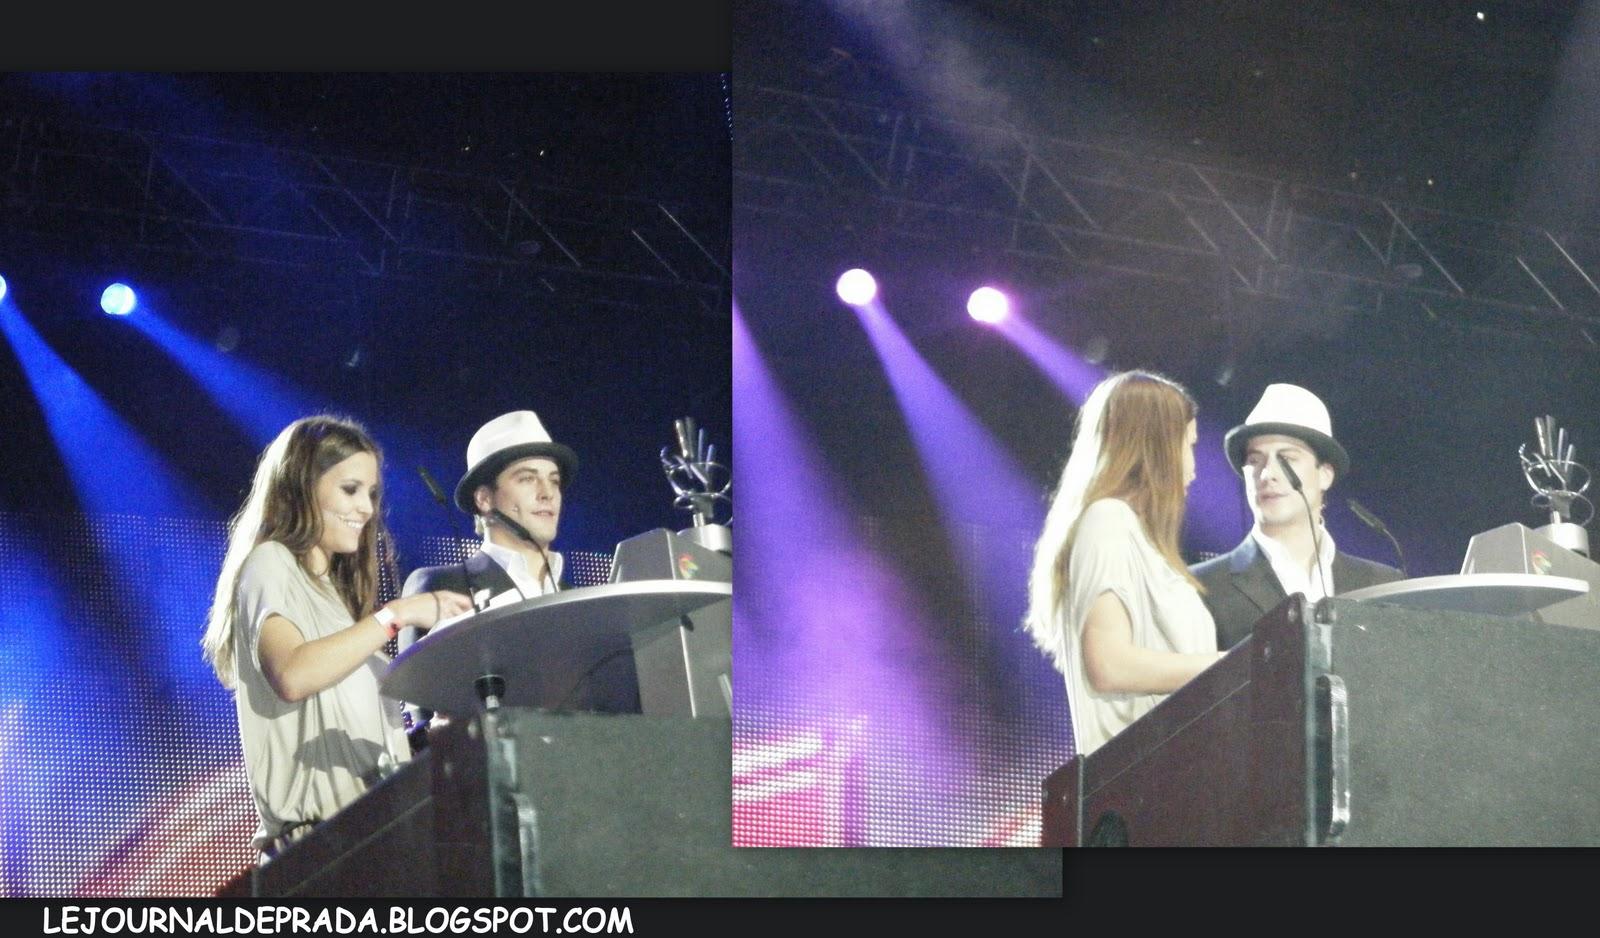 http://4.bp.blogspot.com/_bn9i-ElGTLs/TRD_VGCIKwI/AAAAAAAAANY/rWhmtBAn_Og/s1600/gala+premios+40+pp3.jpg